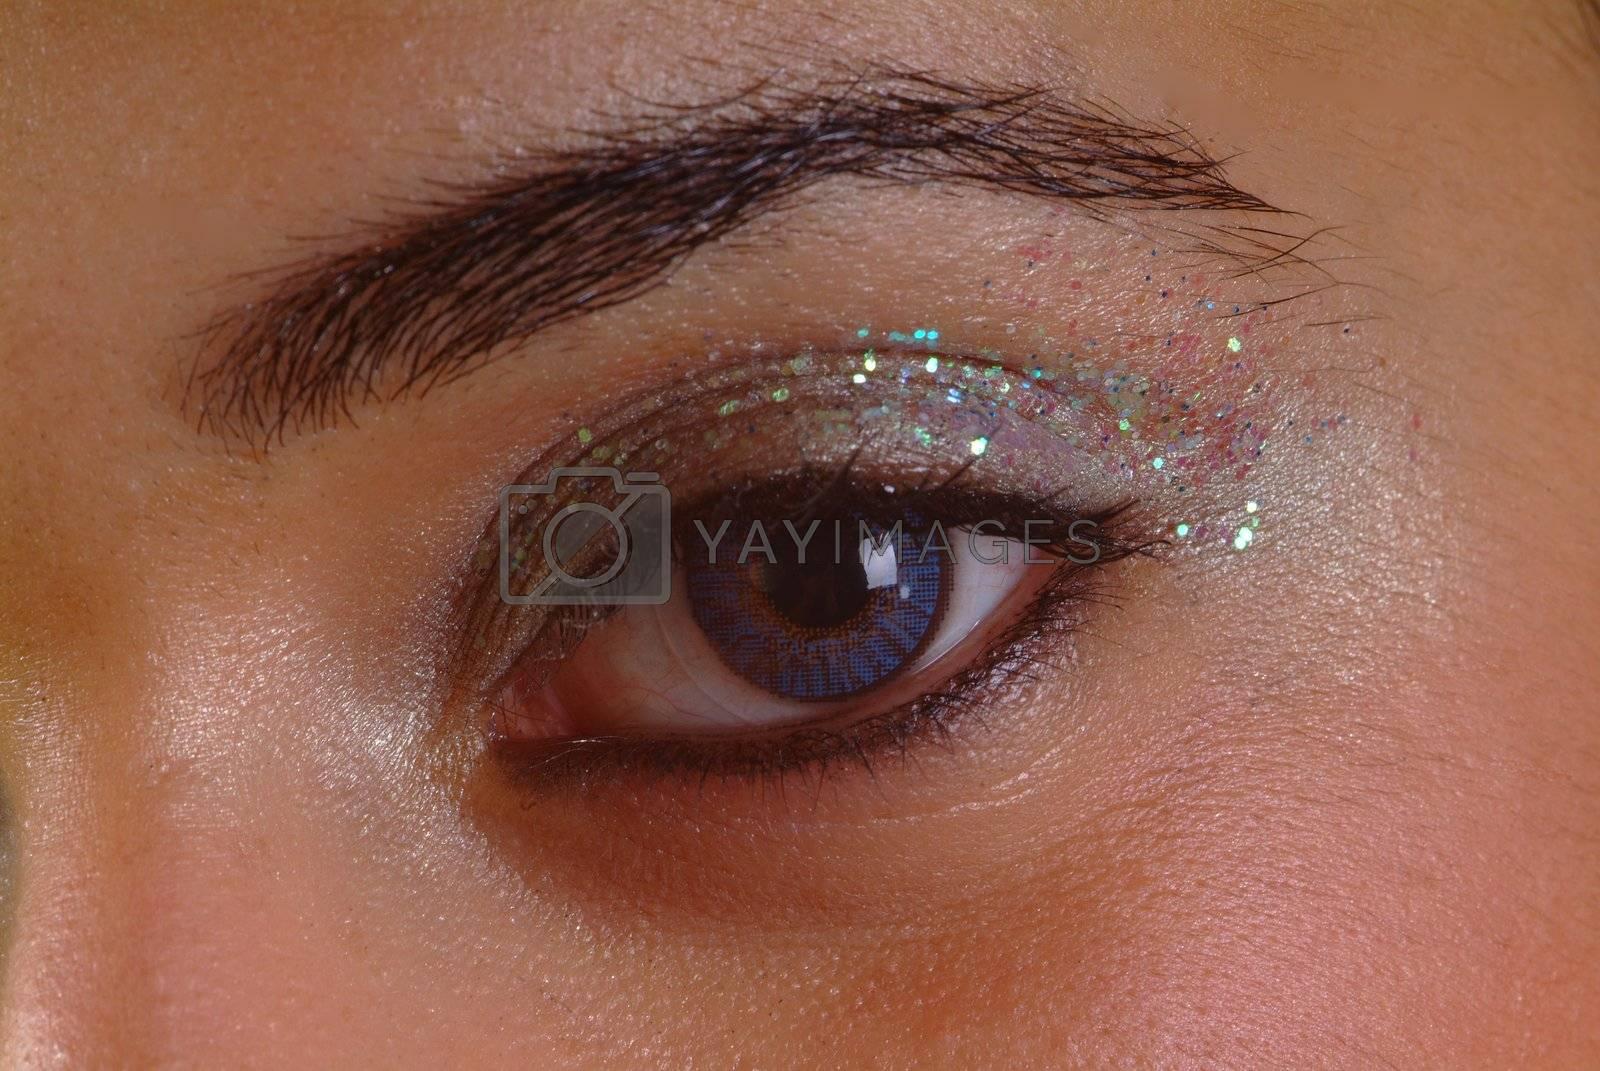 auge offen | open eye by fotofritz